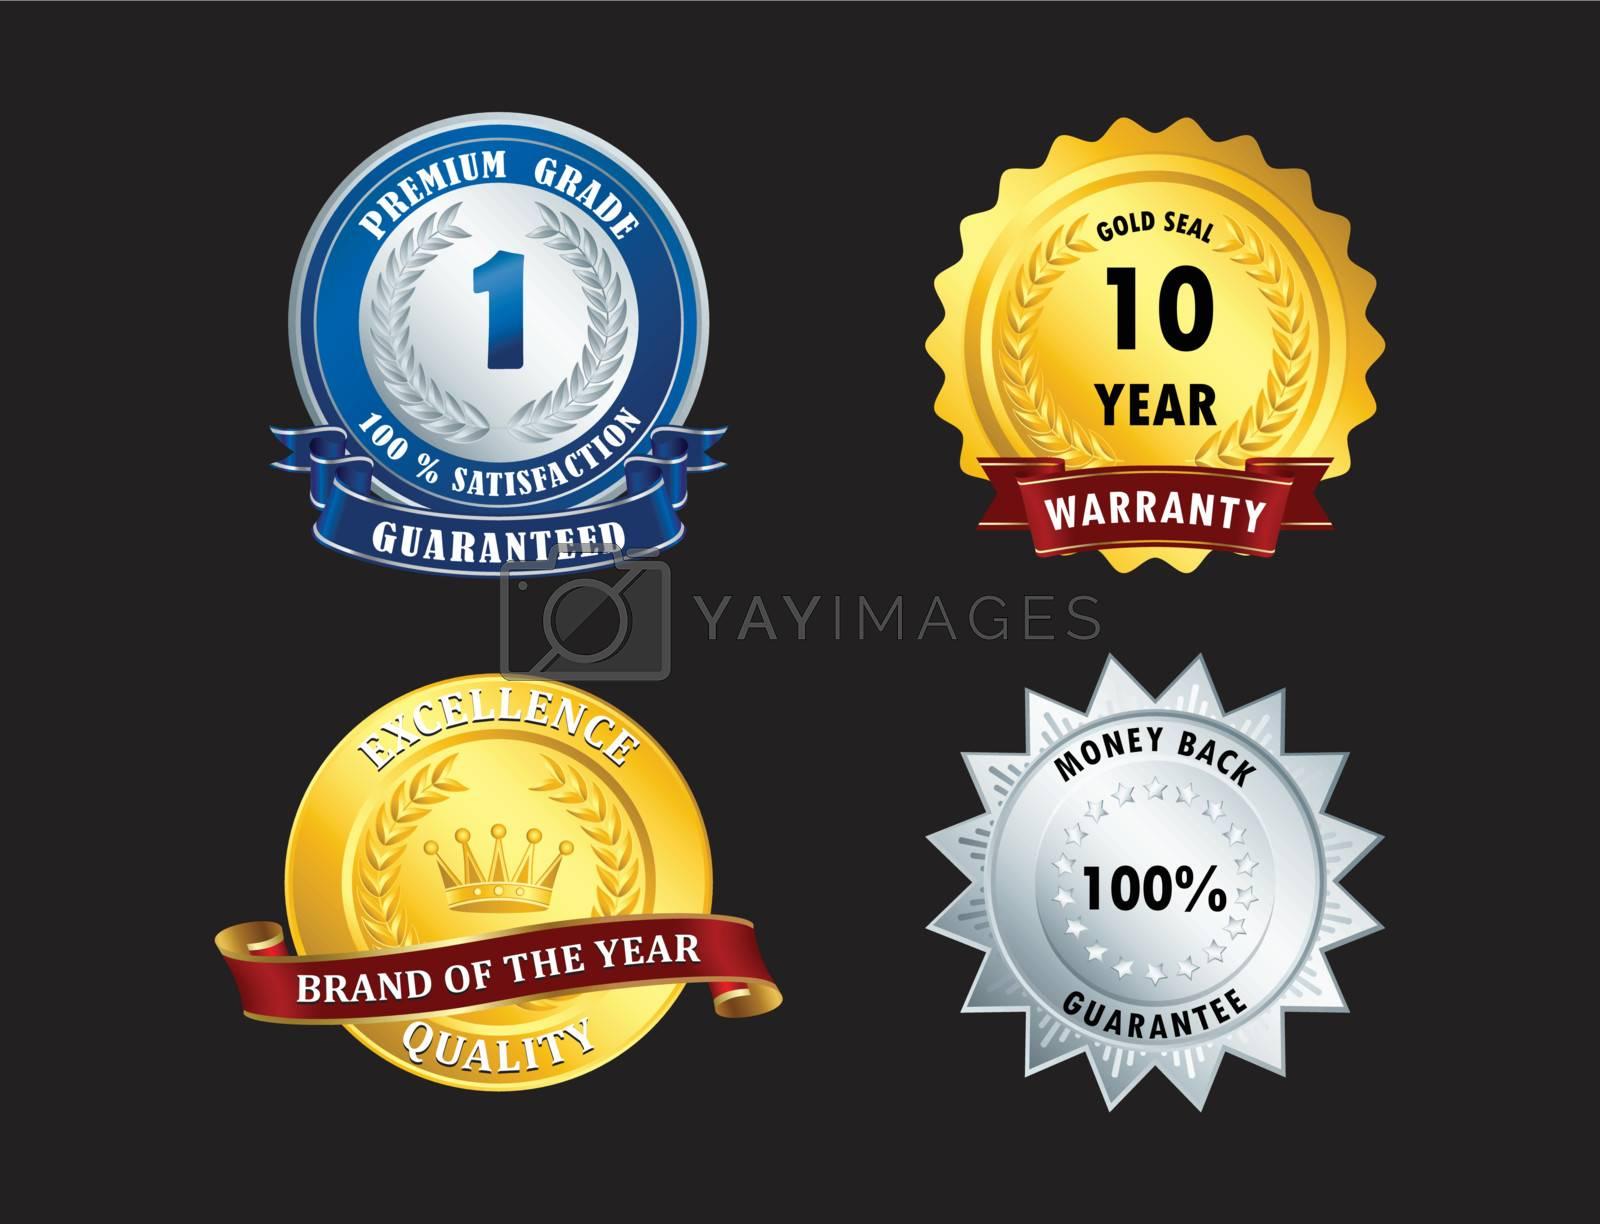 Achievement, approval, vintage, warranty, winner